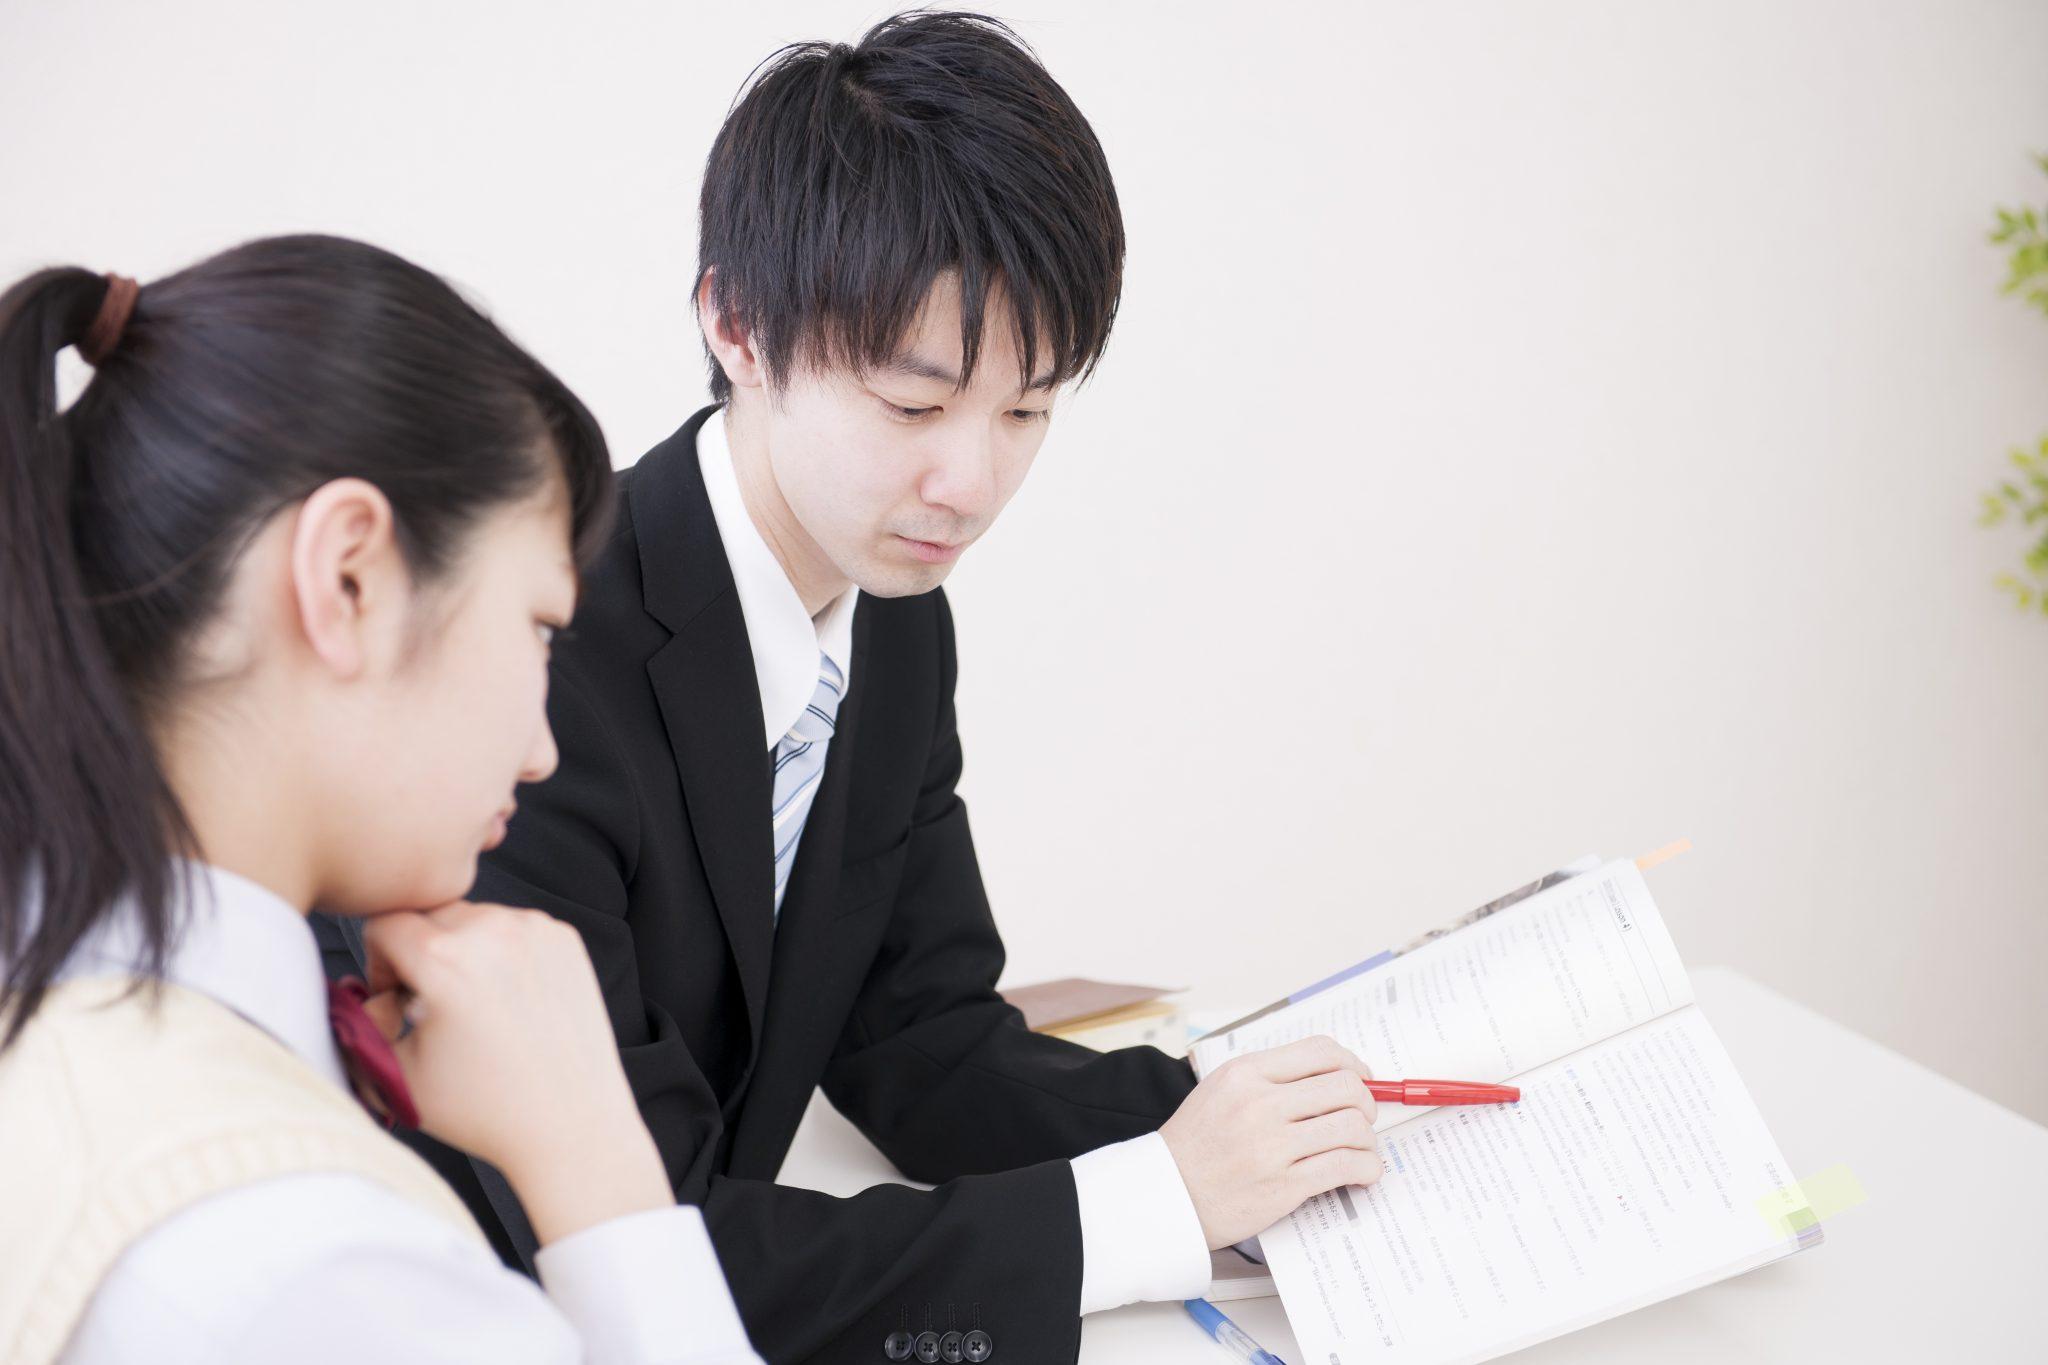 精華学園高等学校 東京ボイス校:スクーリングは個別指導